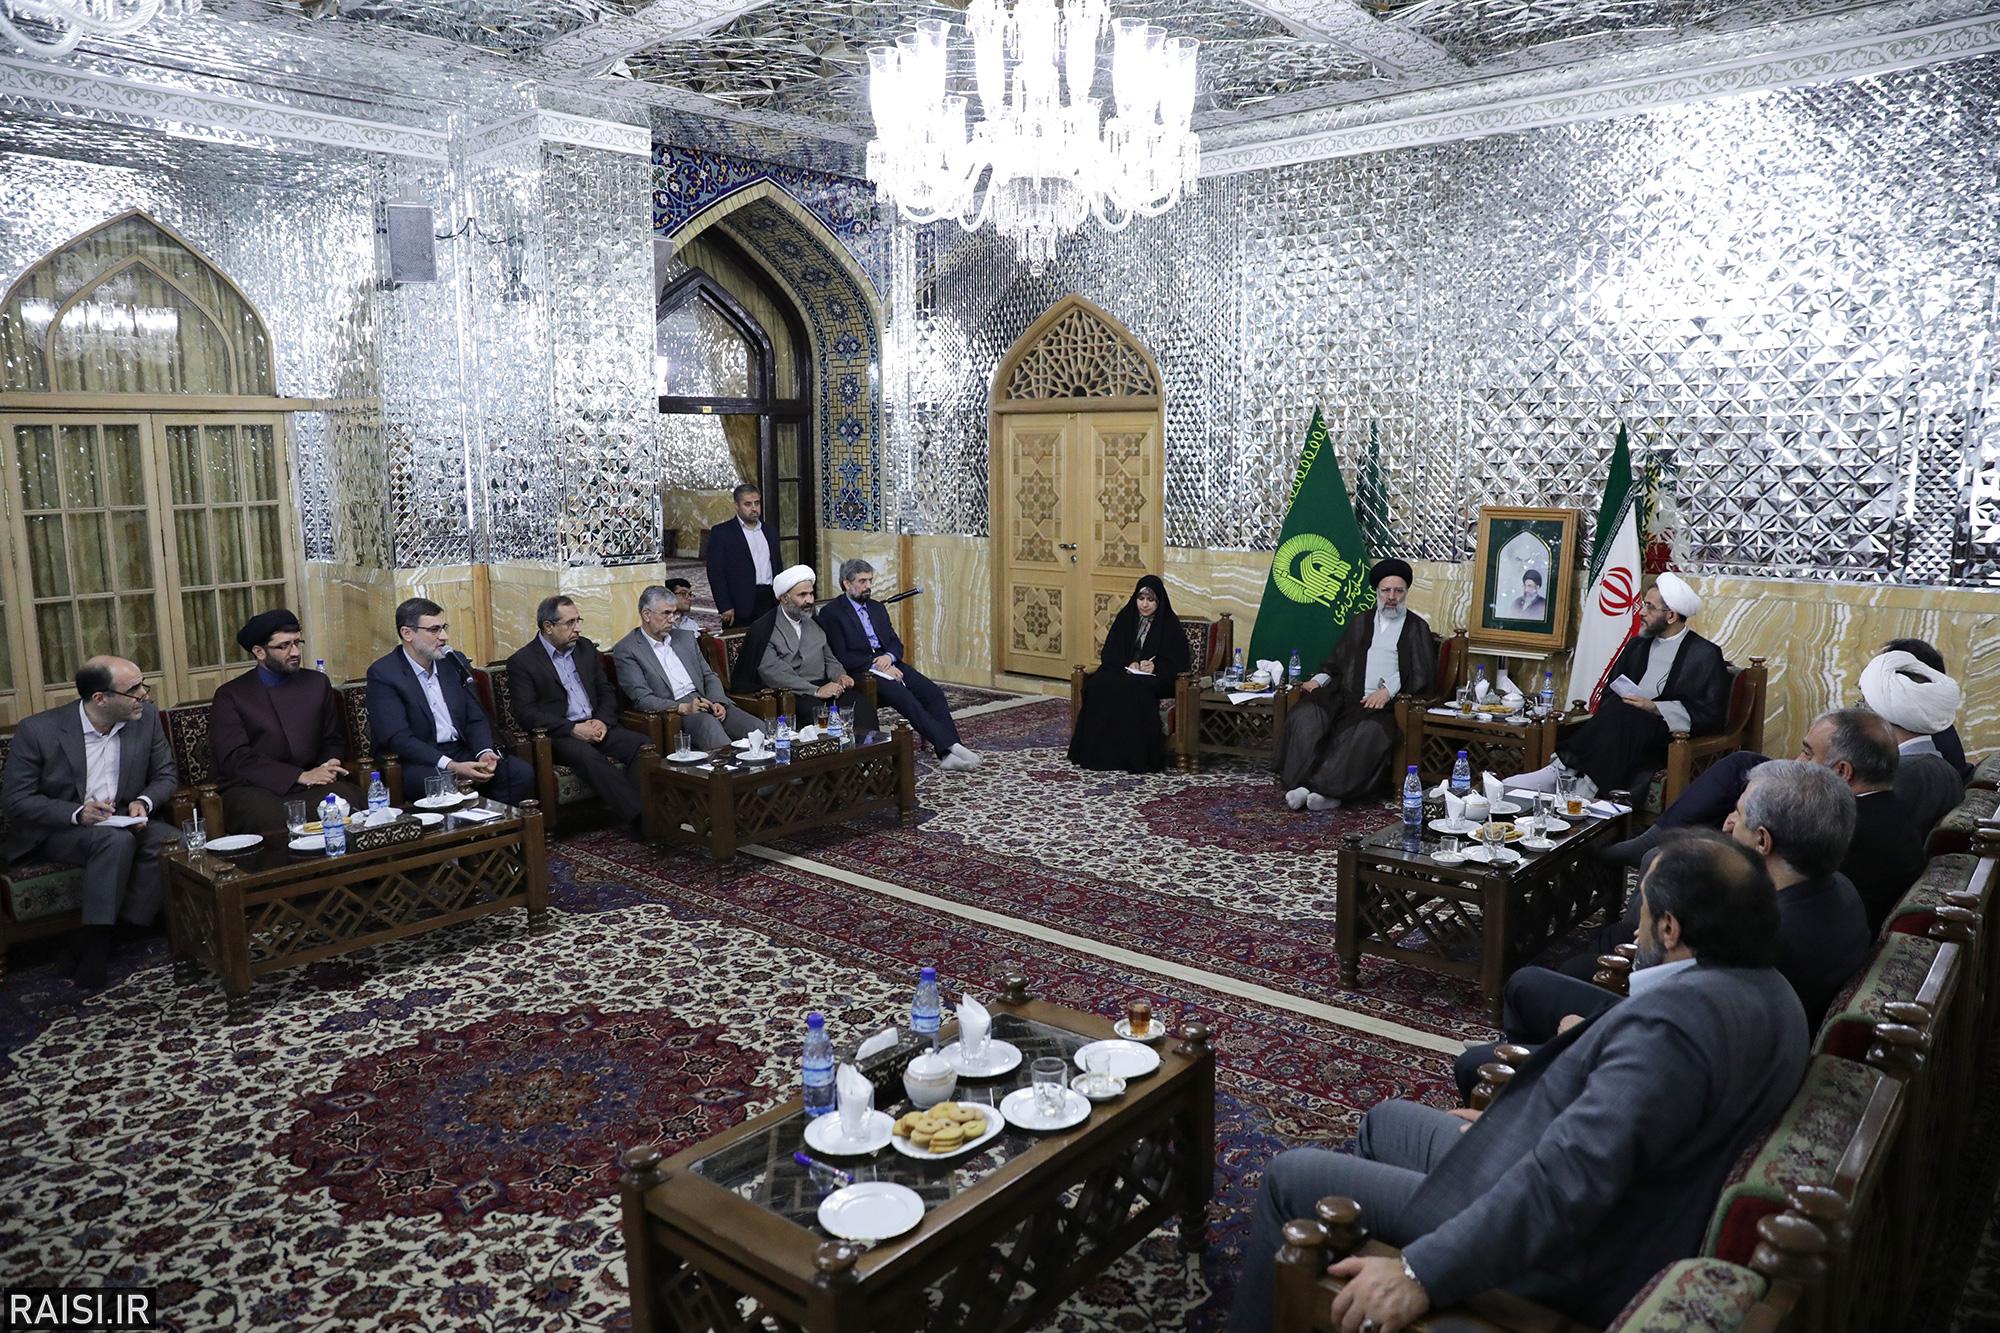 دیدار اعضای کمیسیون فرهنگی مجلس شورای اسلامی با تولیت آستان قدس رضوی